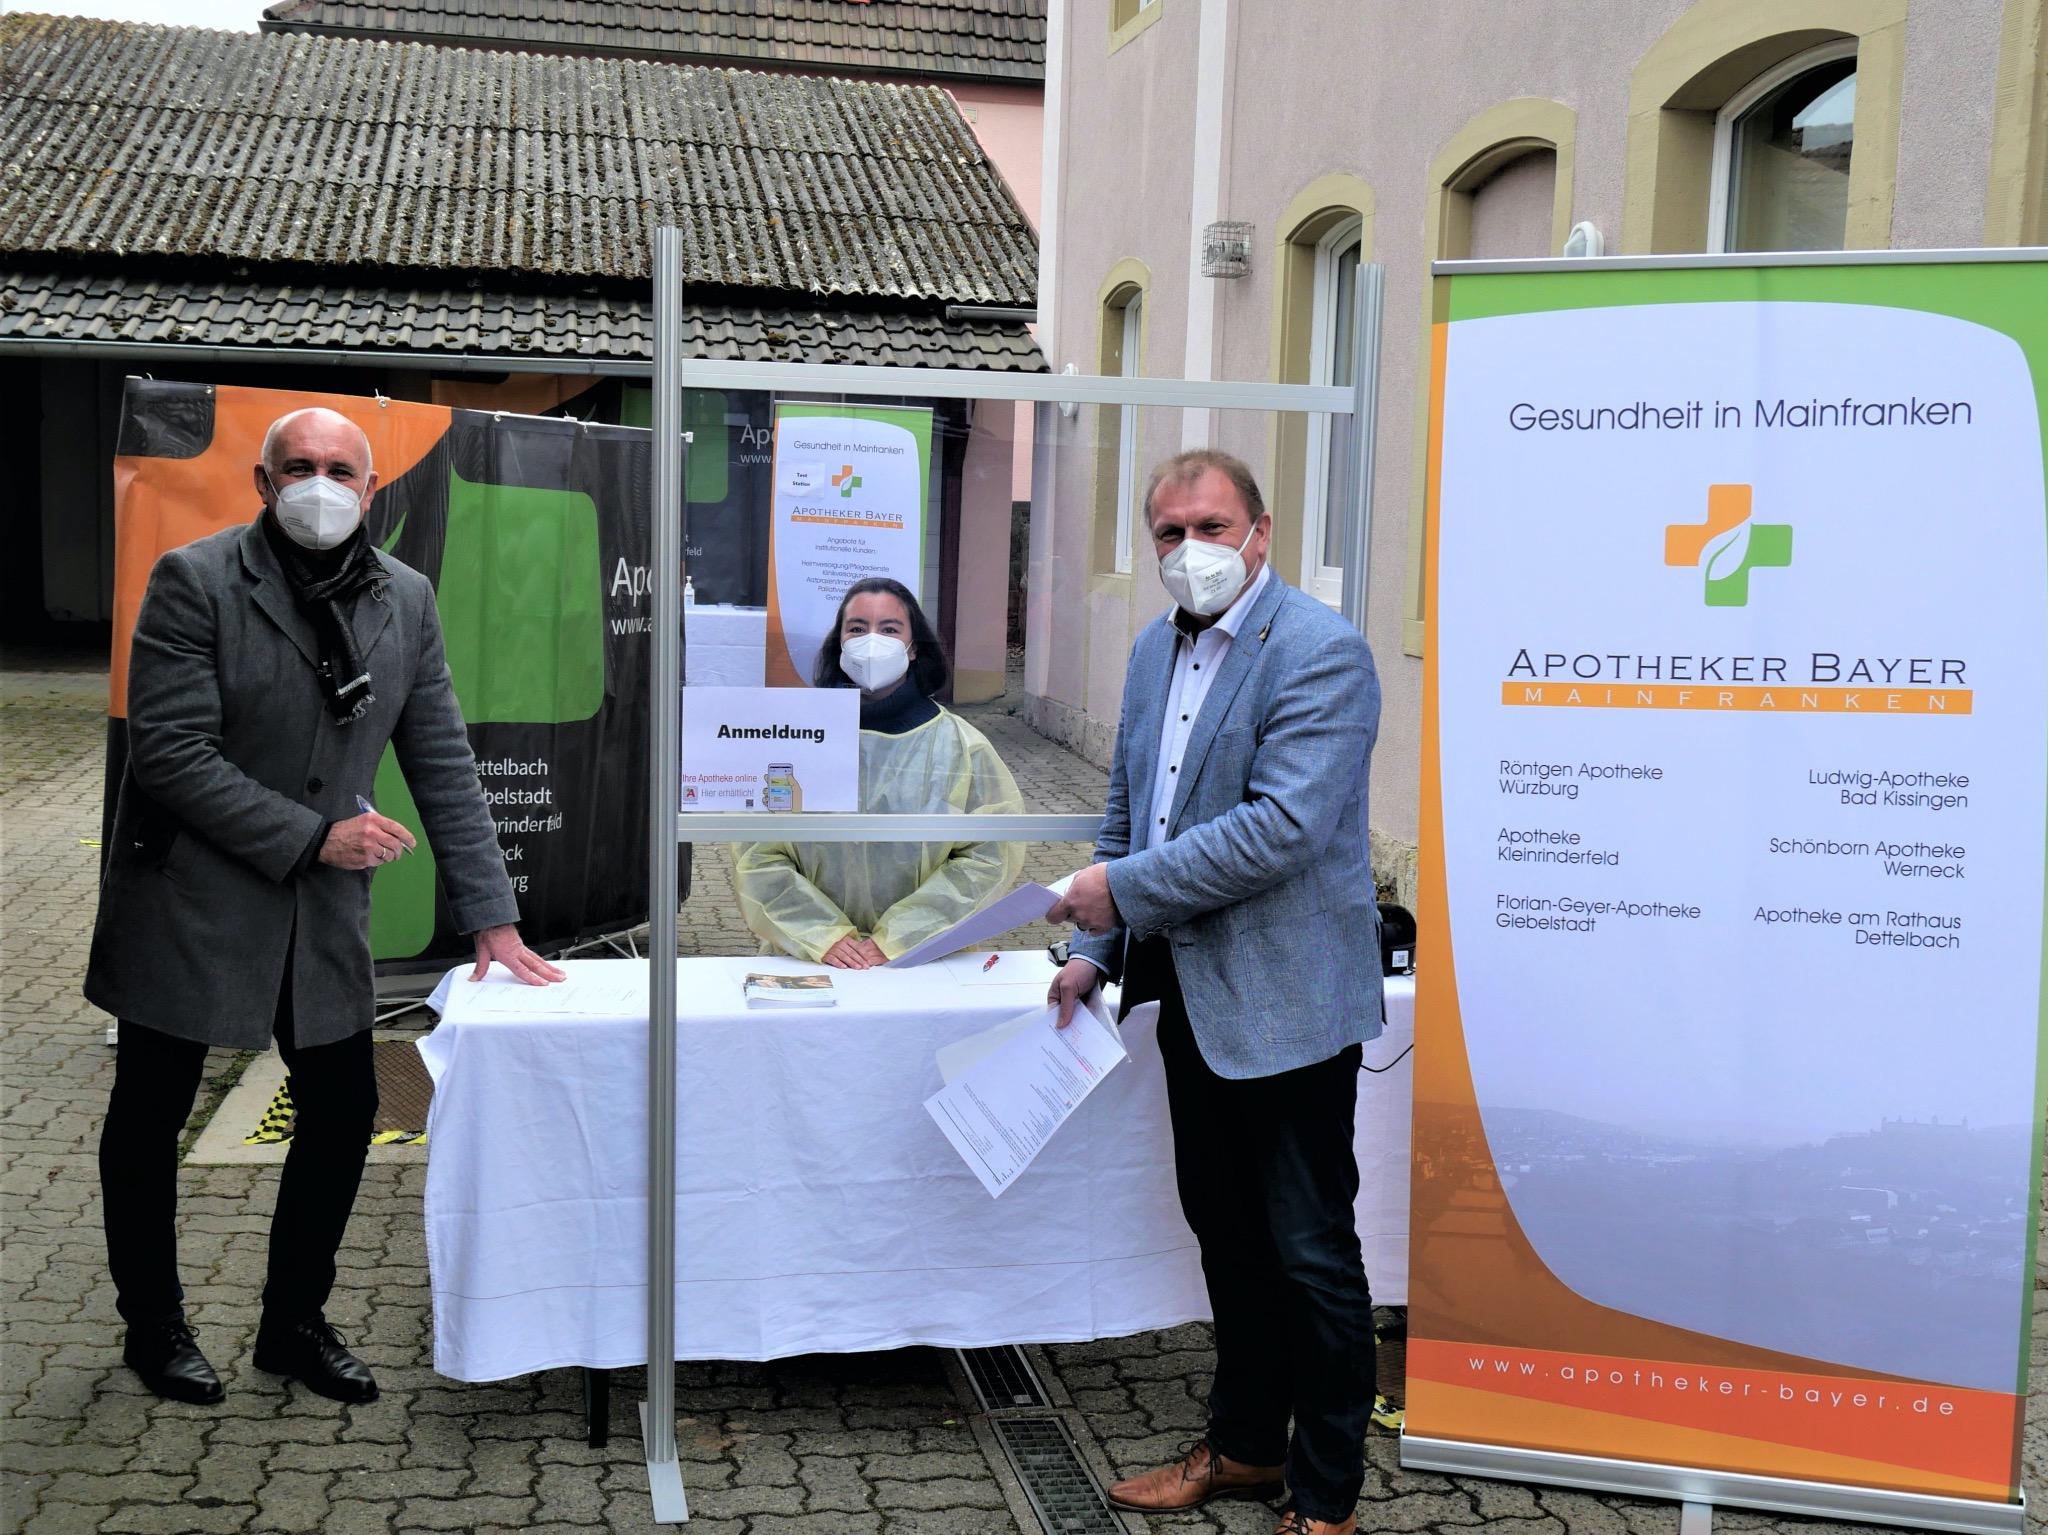 Zum Start der Corona-Schnelltests in Apotheken im Landkreis Würzburg hat sich Landrat Thomas Eberth (rechts) in der Florian-Geyer-Apotheke in Giebelstadt testen lassen. Gabriela Bayer, Mitarbeiterin der Apotheke (Mitte), nahm dabei die Daten des Landrats auf, Bürgermeister Helmut Krämer (rechts) freut sich über das Angebot von kostenlosen Schnelltests in Giebelstadt. Foto: Julian Höfner